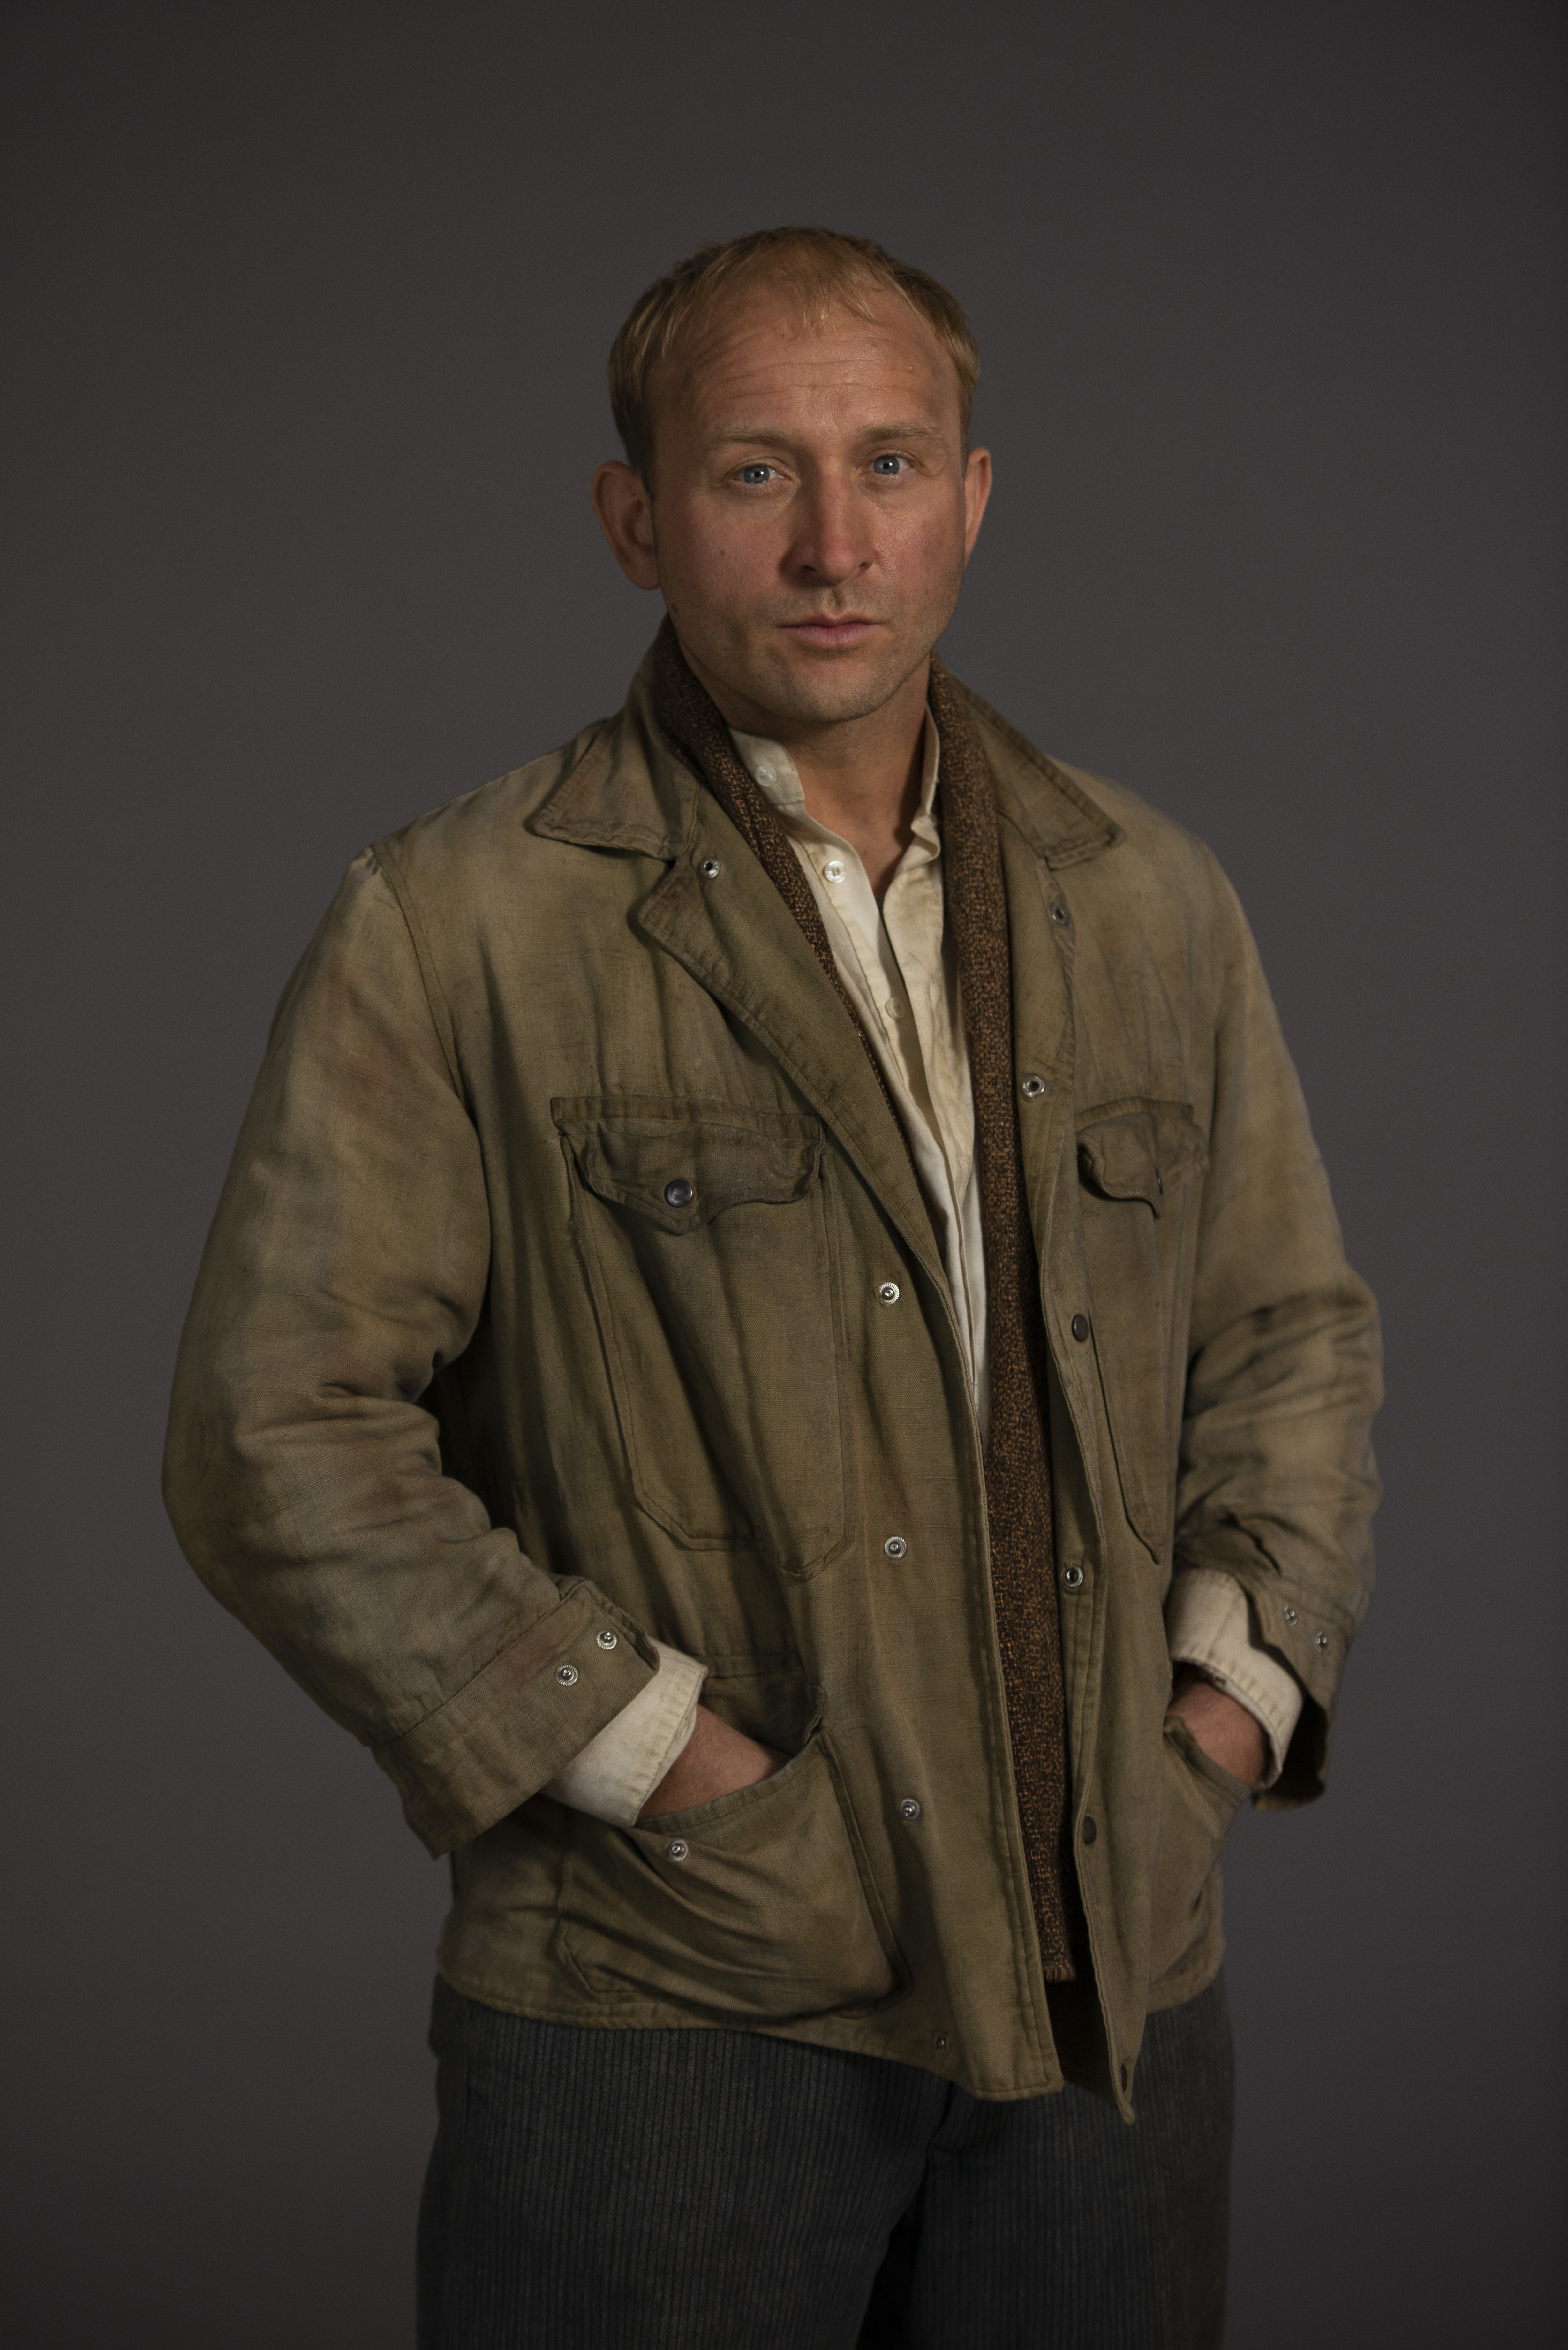 Borys Szyc (Konrad)